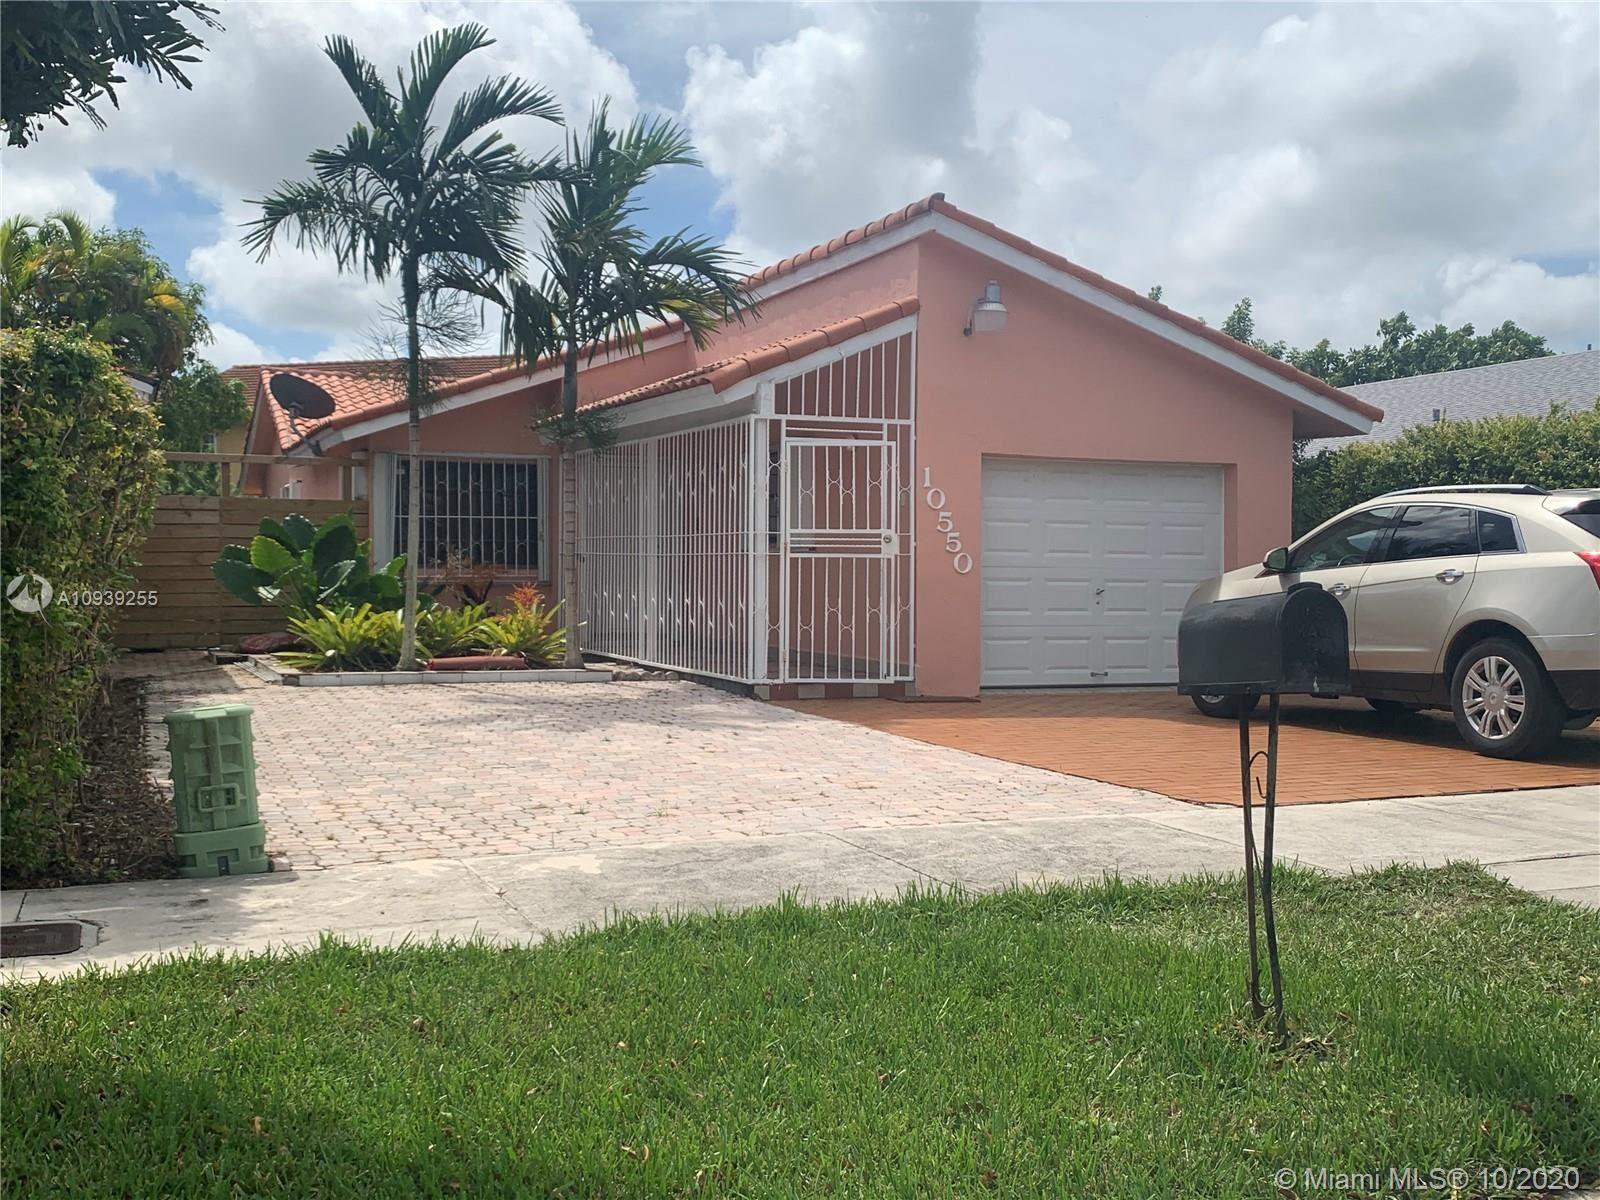 10550 SW 66th Ter, Miami, FL 33173 - #: A10939255